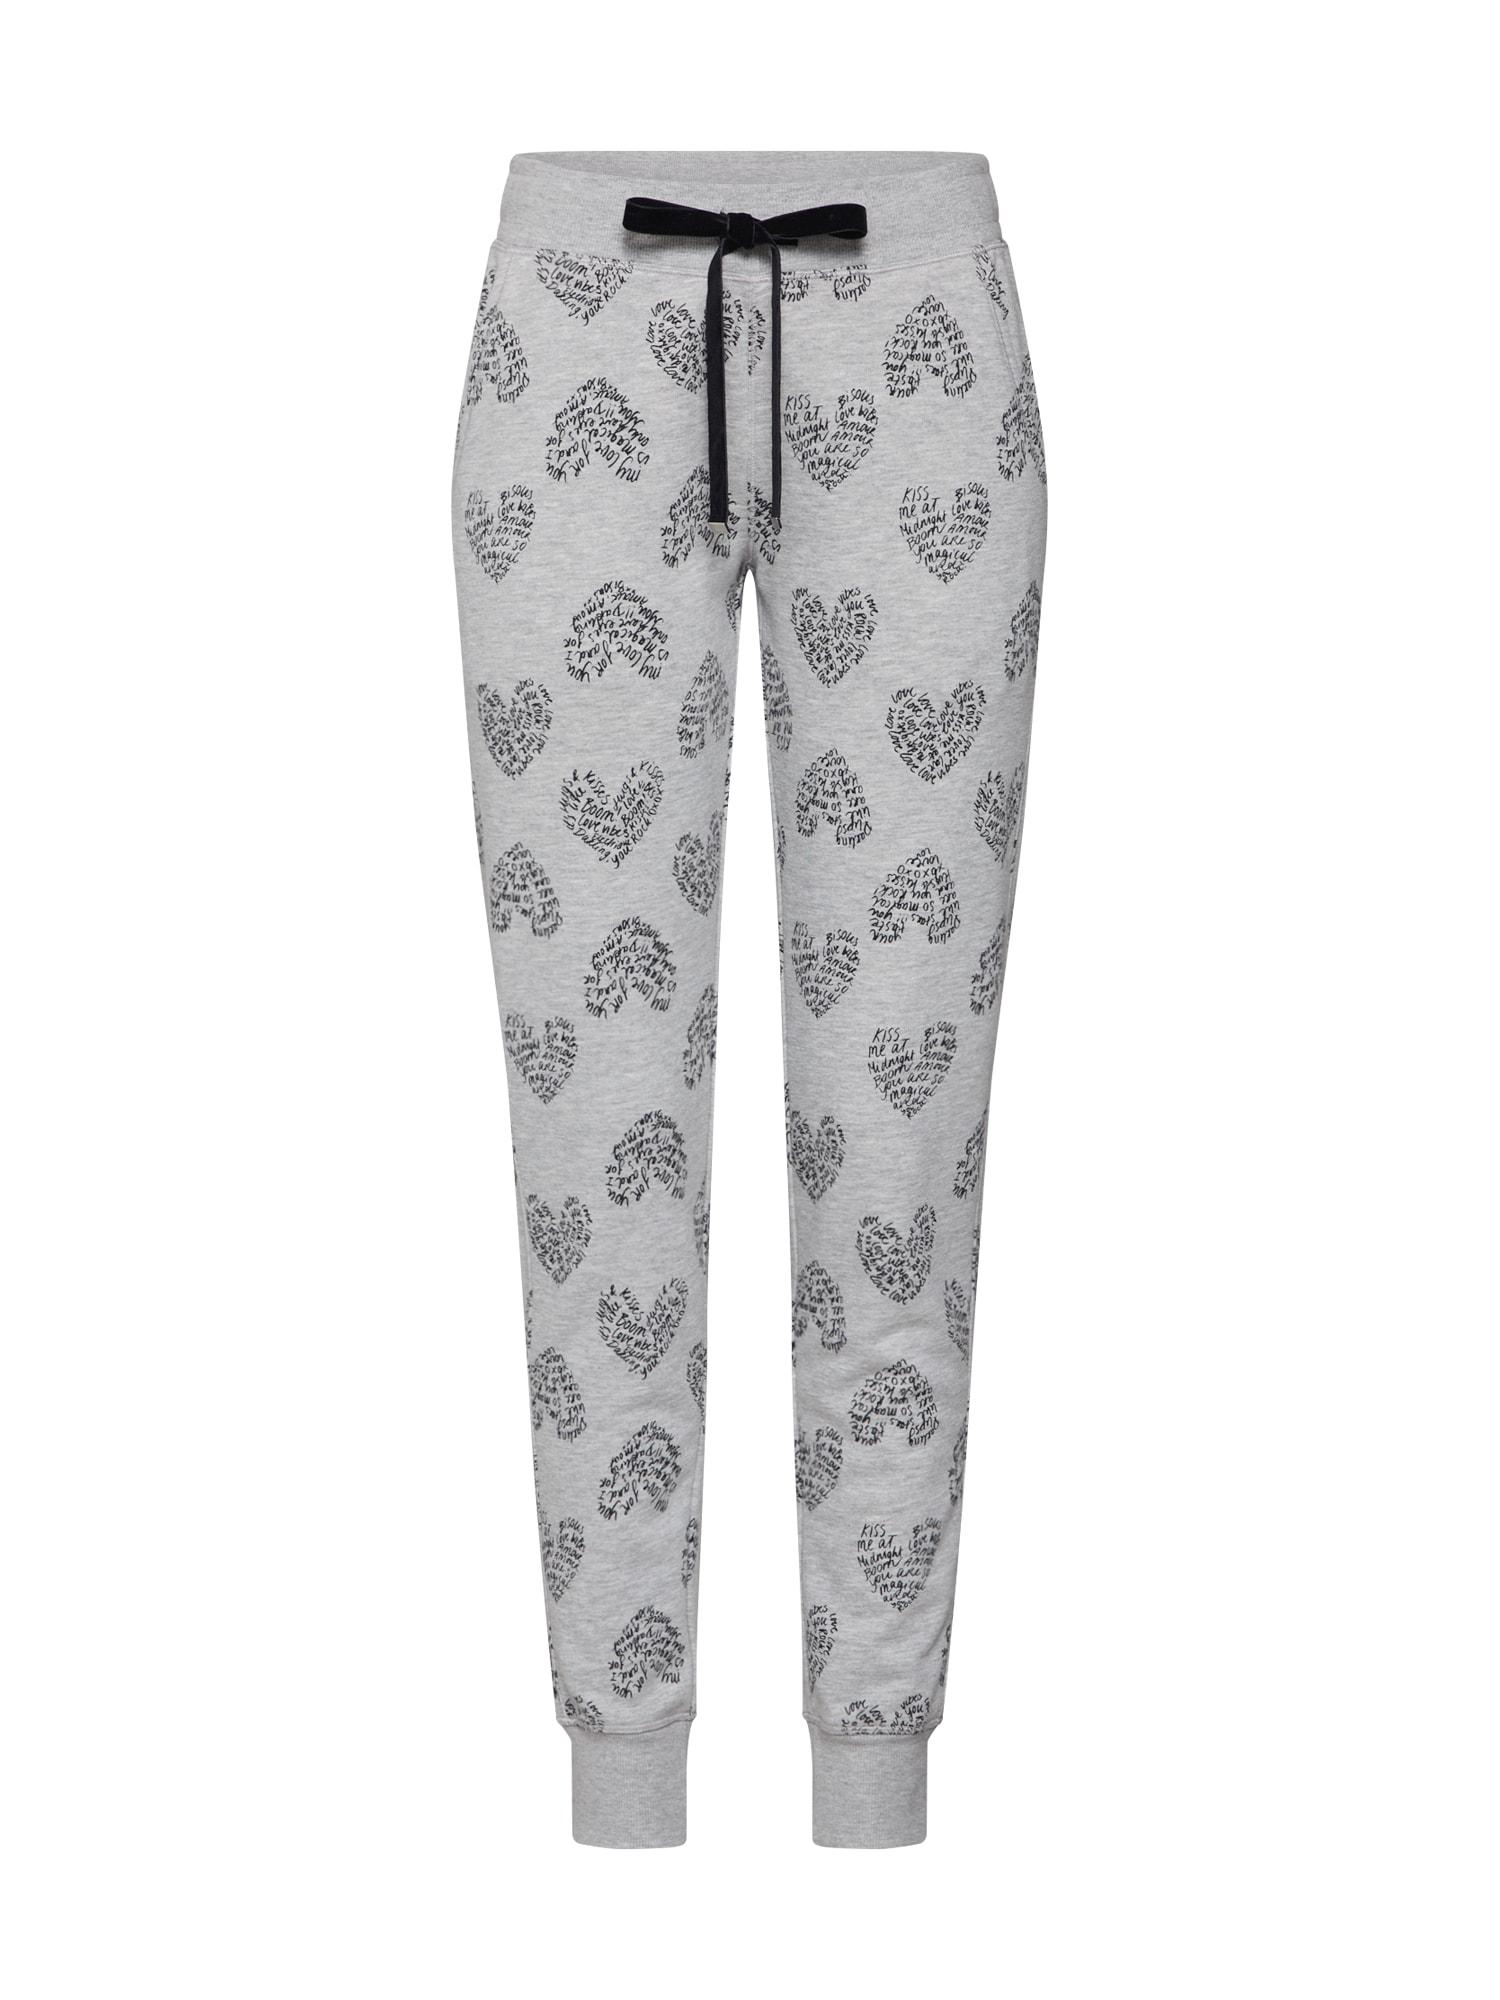 Hunkemöller Pižaminės kelnės 'Sweat Heart Doodle' šviesiai pilka